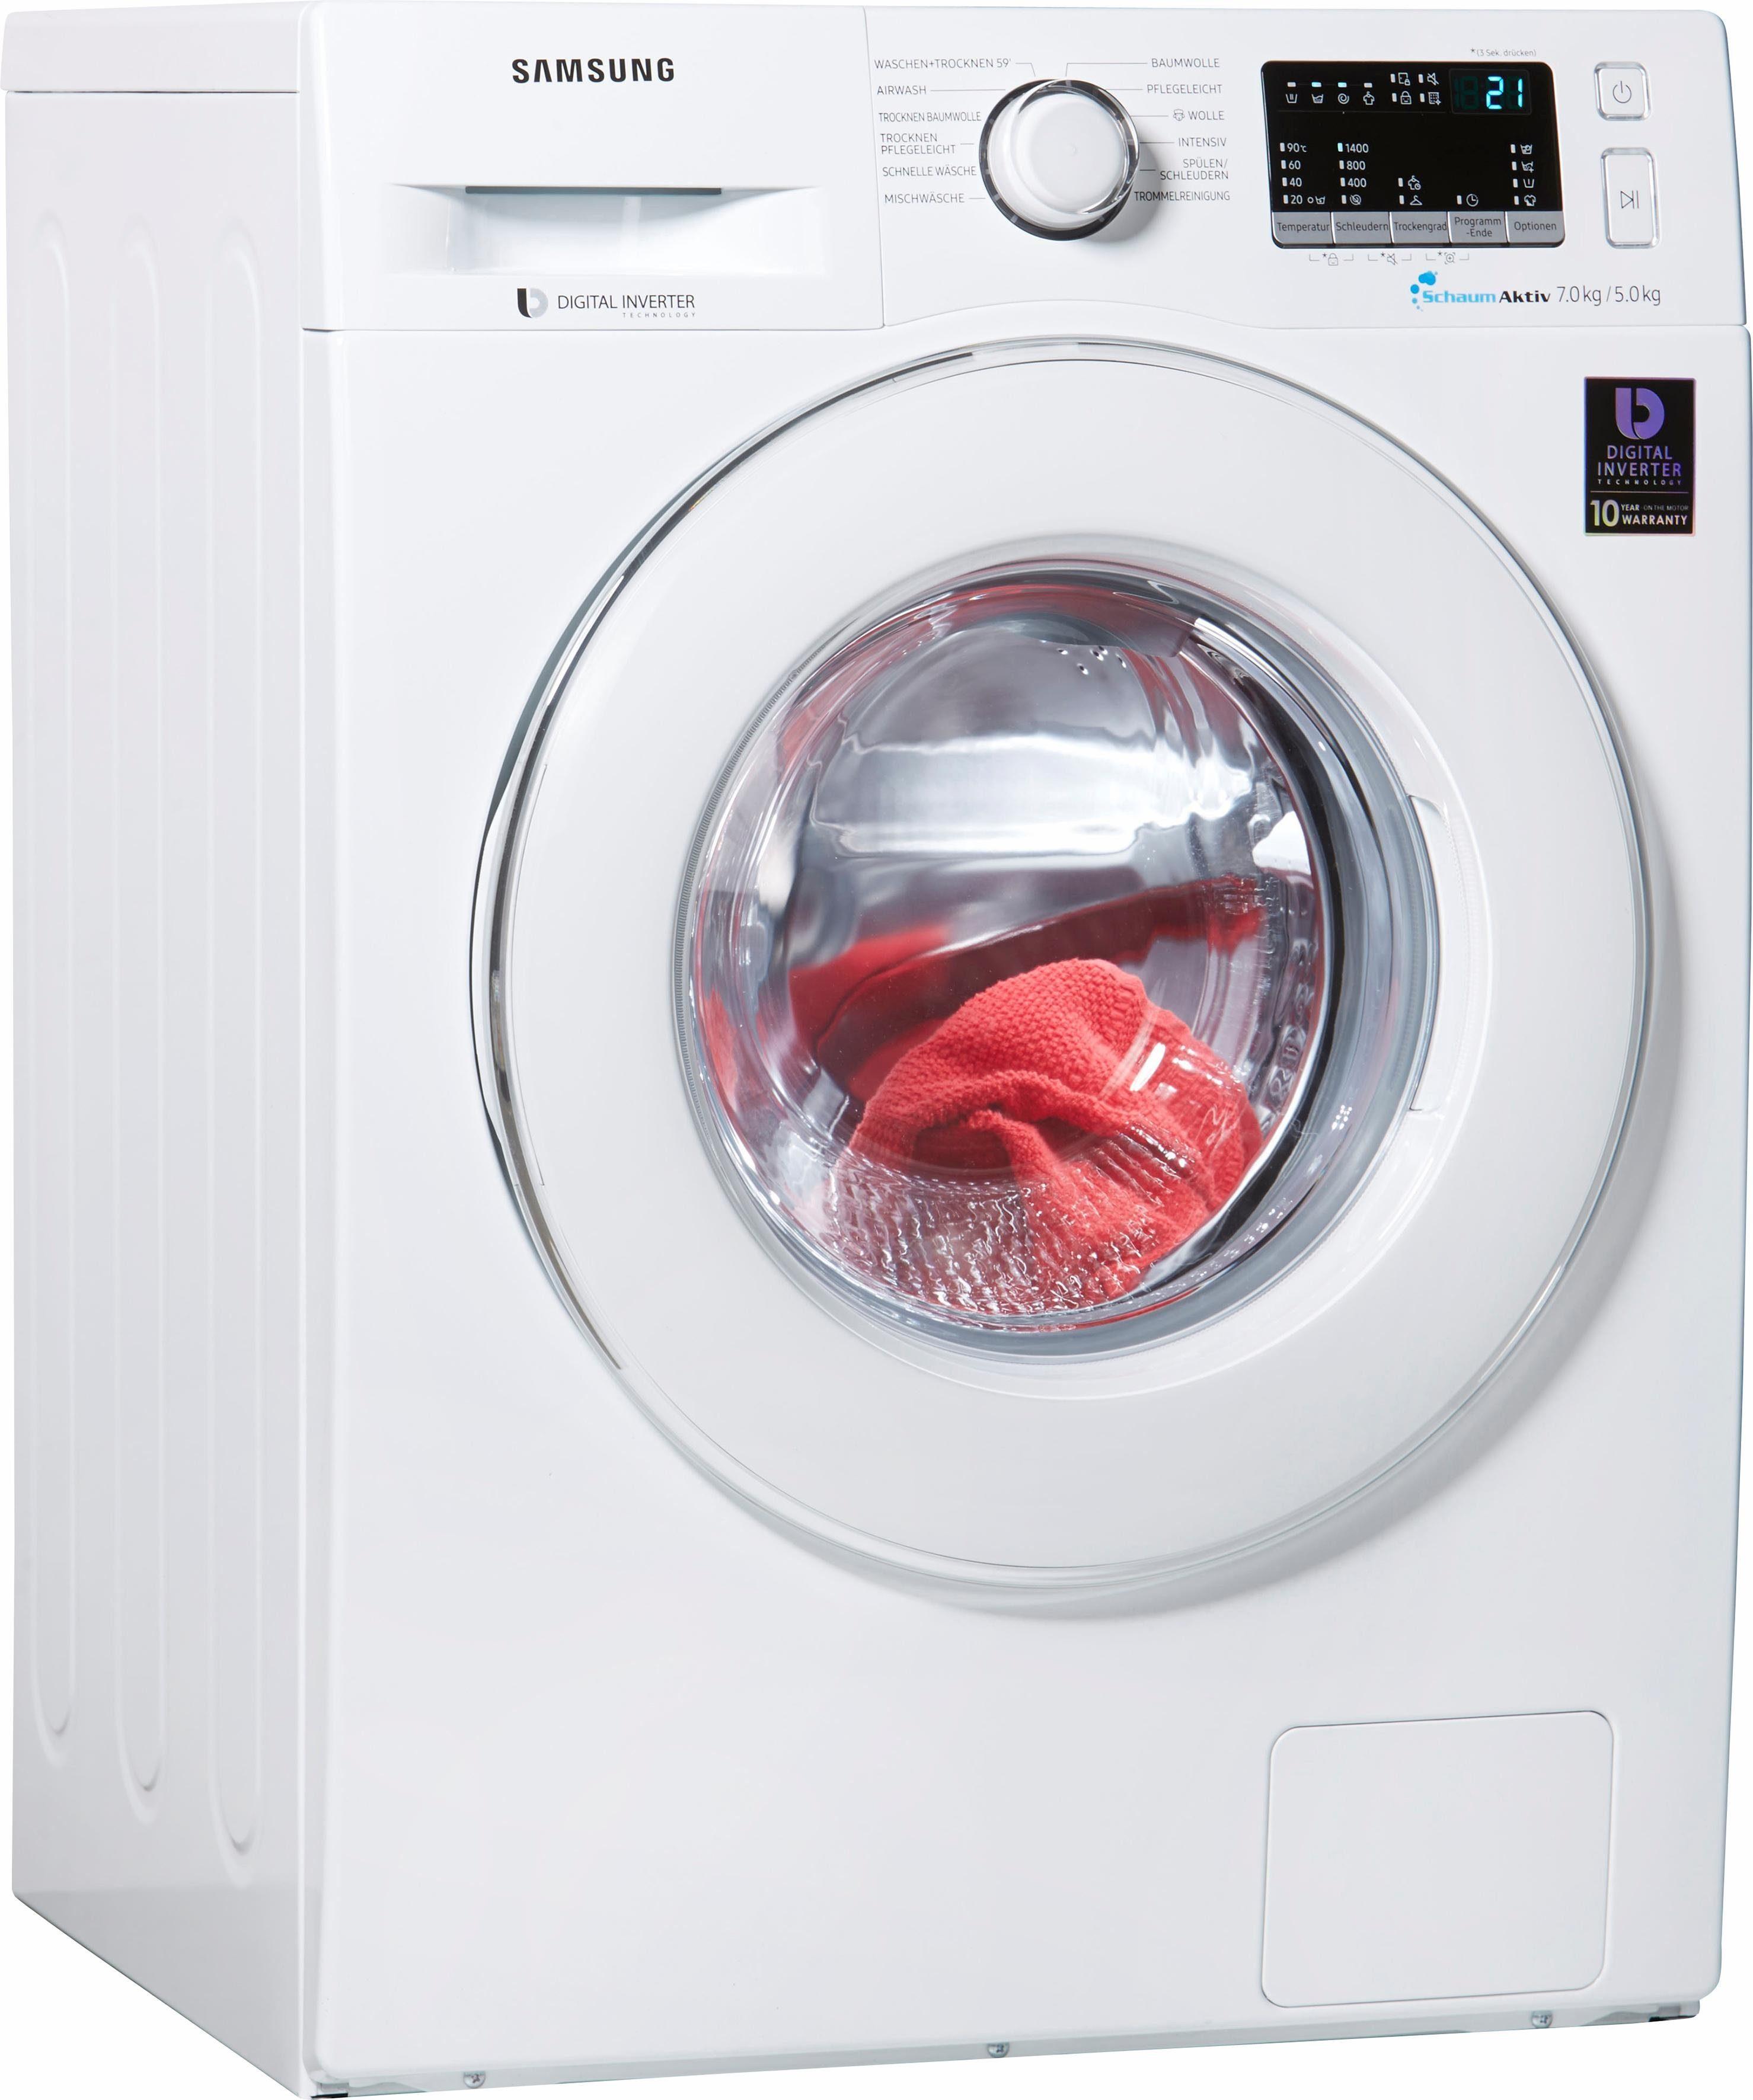 Samsung Waschtrockner WD 4000 WD70M4433IW/EG, 7 kg / 5 kg, 1400 U/Min, mit SchaumAktiv